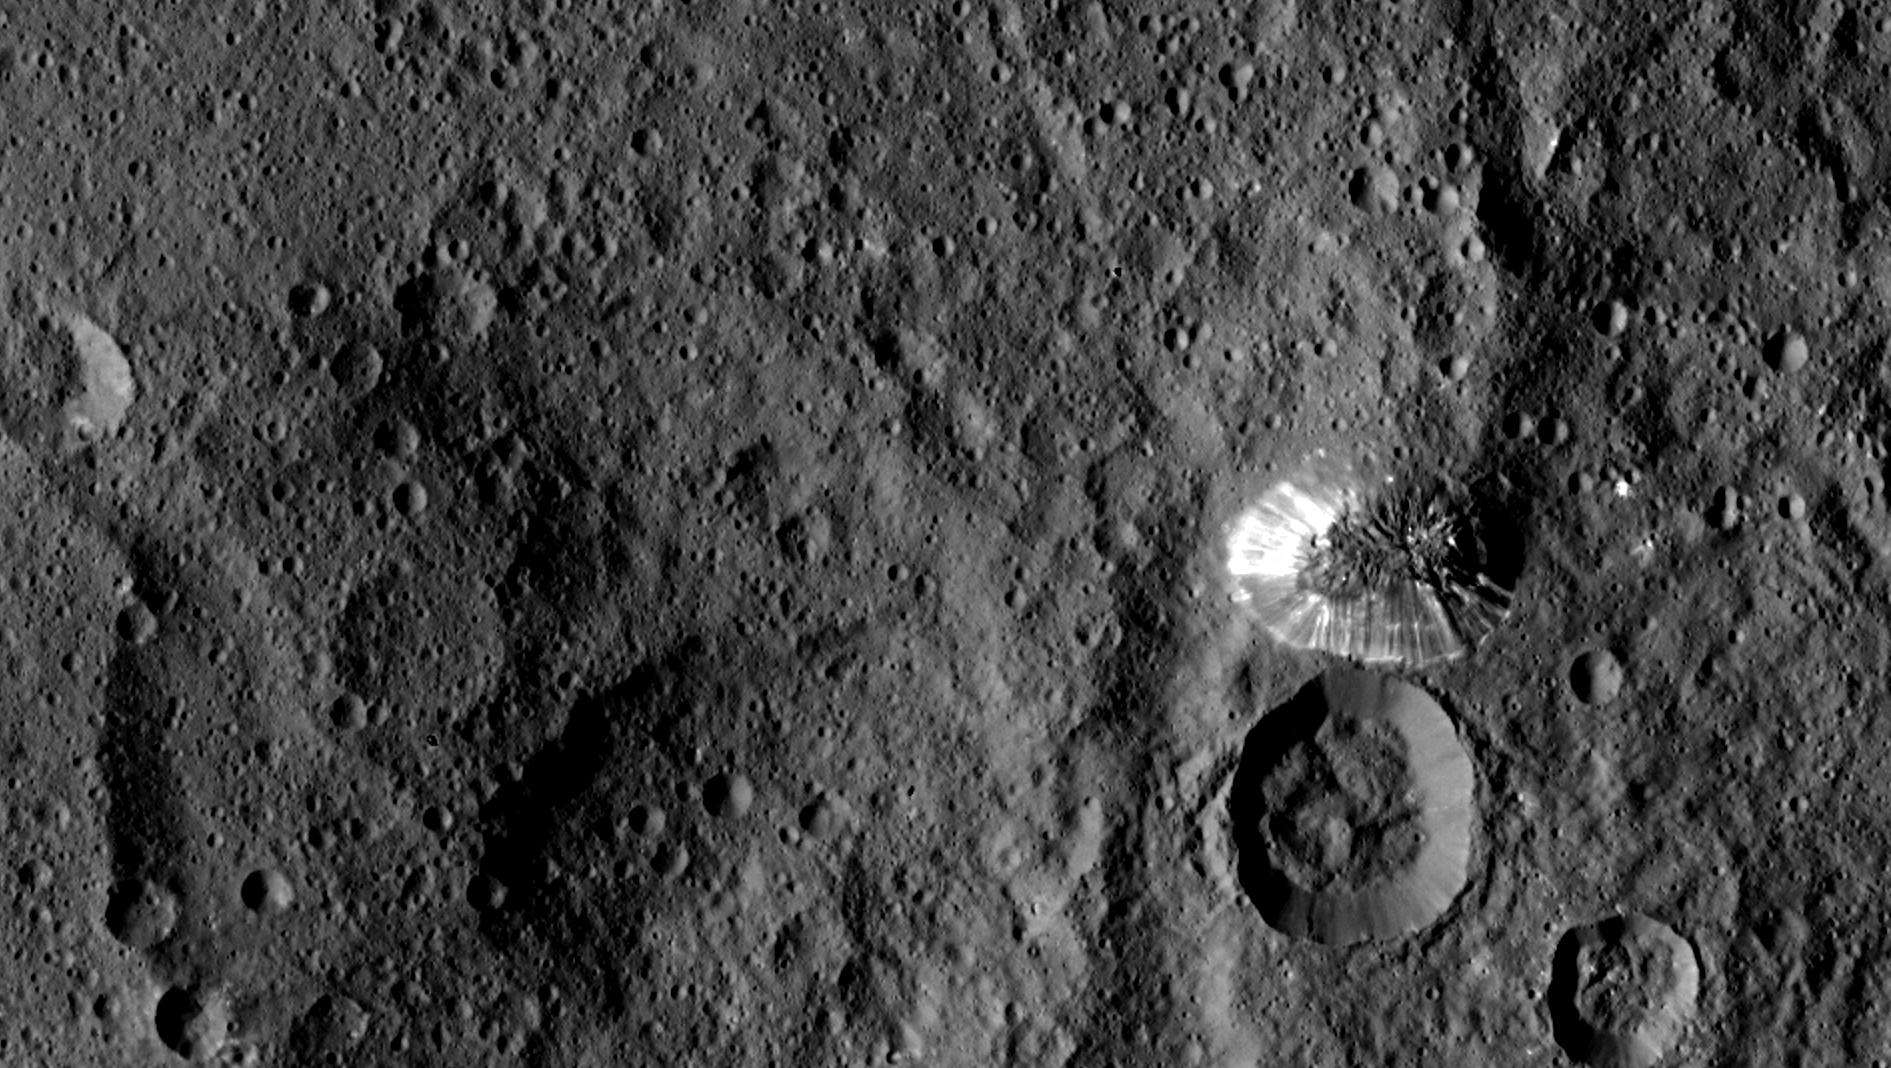 Обломки НЛО, потерпевшего крушение, были найдены напланете-карлике Церера